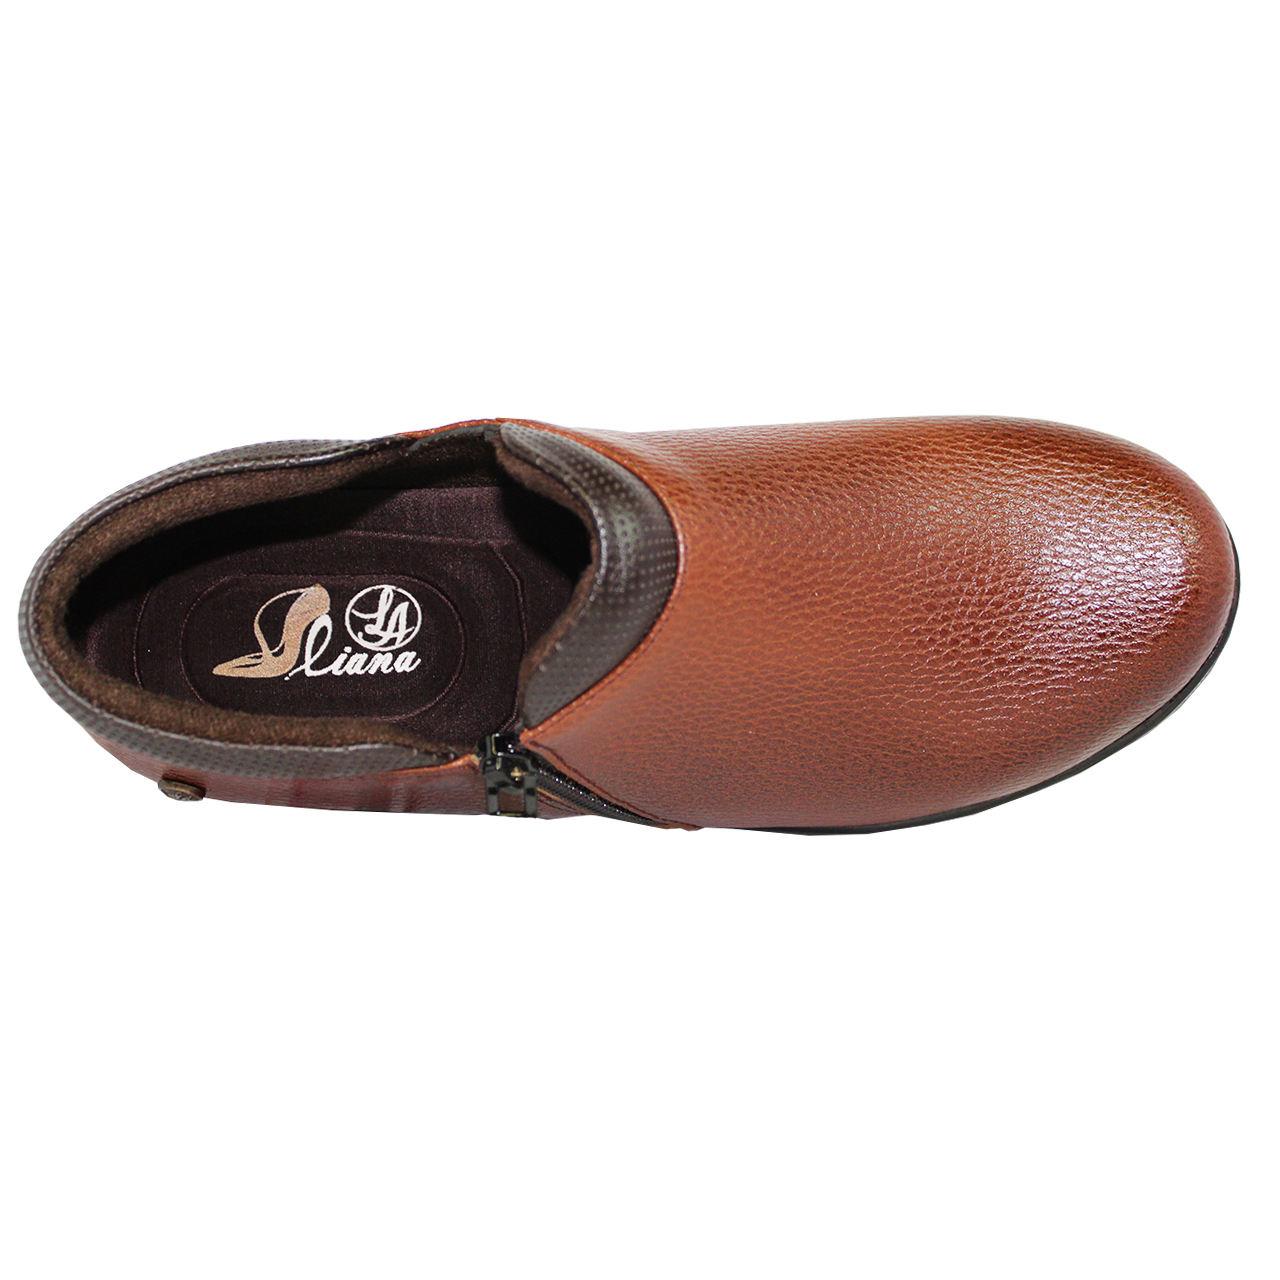 کفش روزمره زنانه لیانا کد 362-G -  - 3